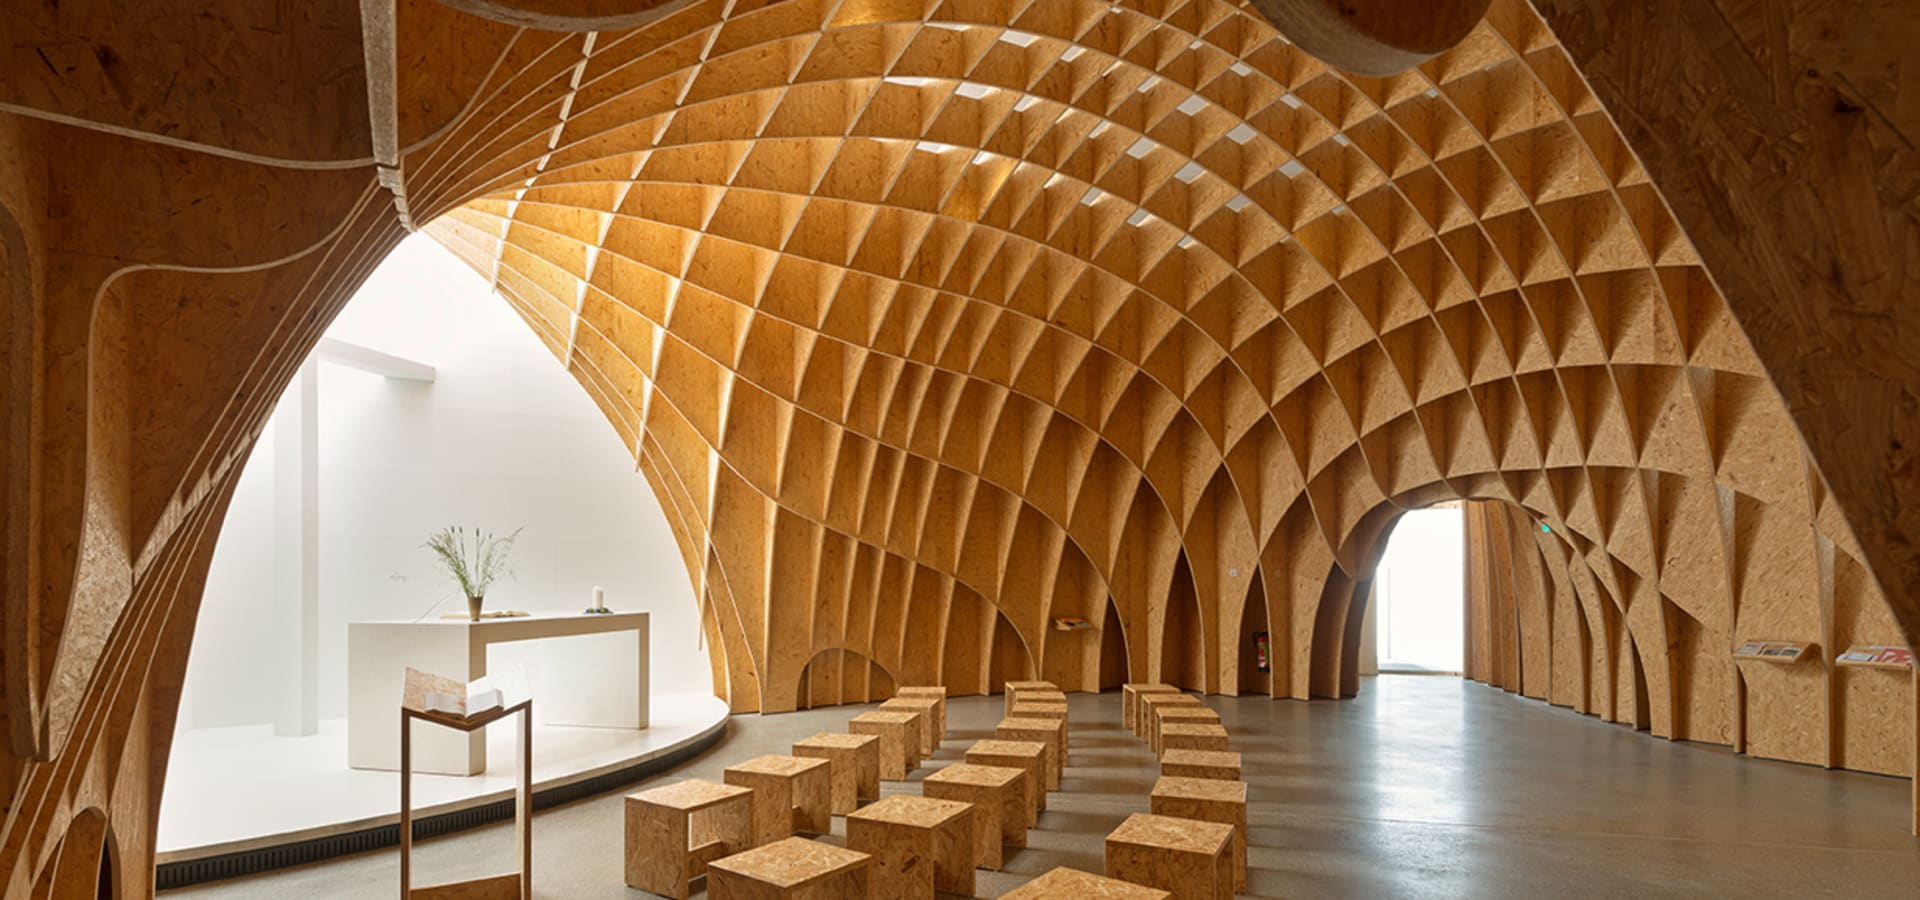 autobahnkirche siegerland von schneider schumacher. Black Bedroom Furniture Sets. Home Design Ideas